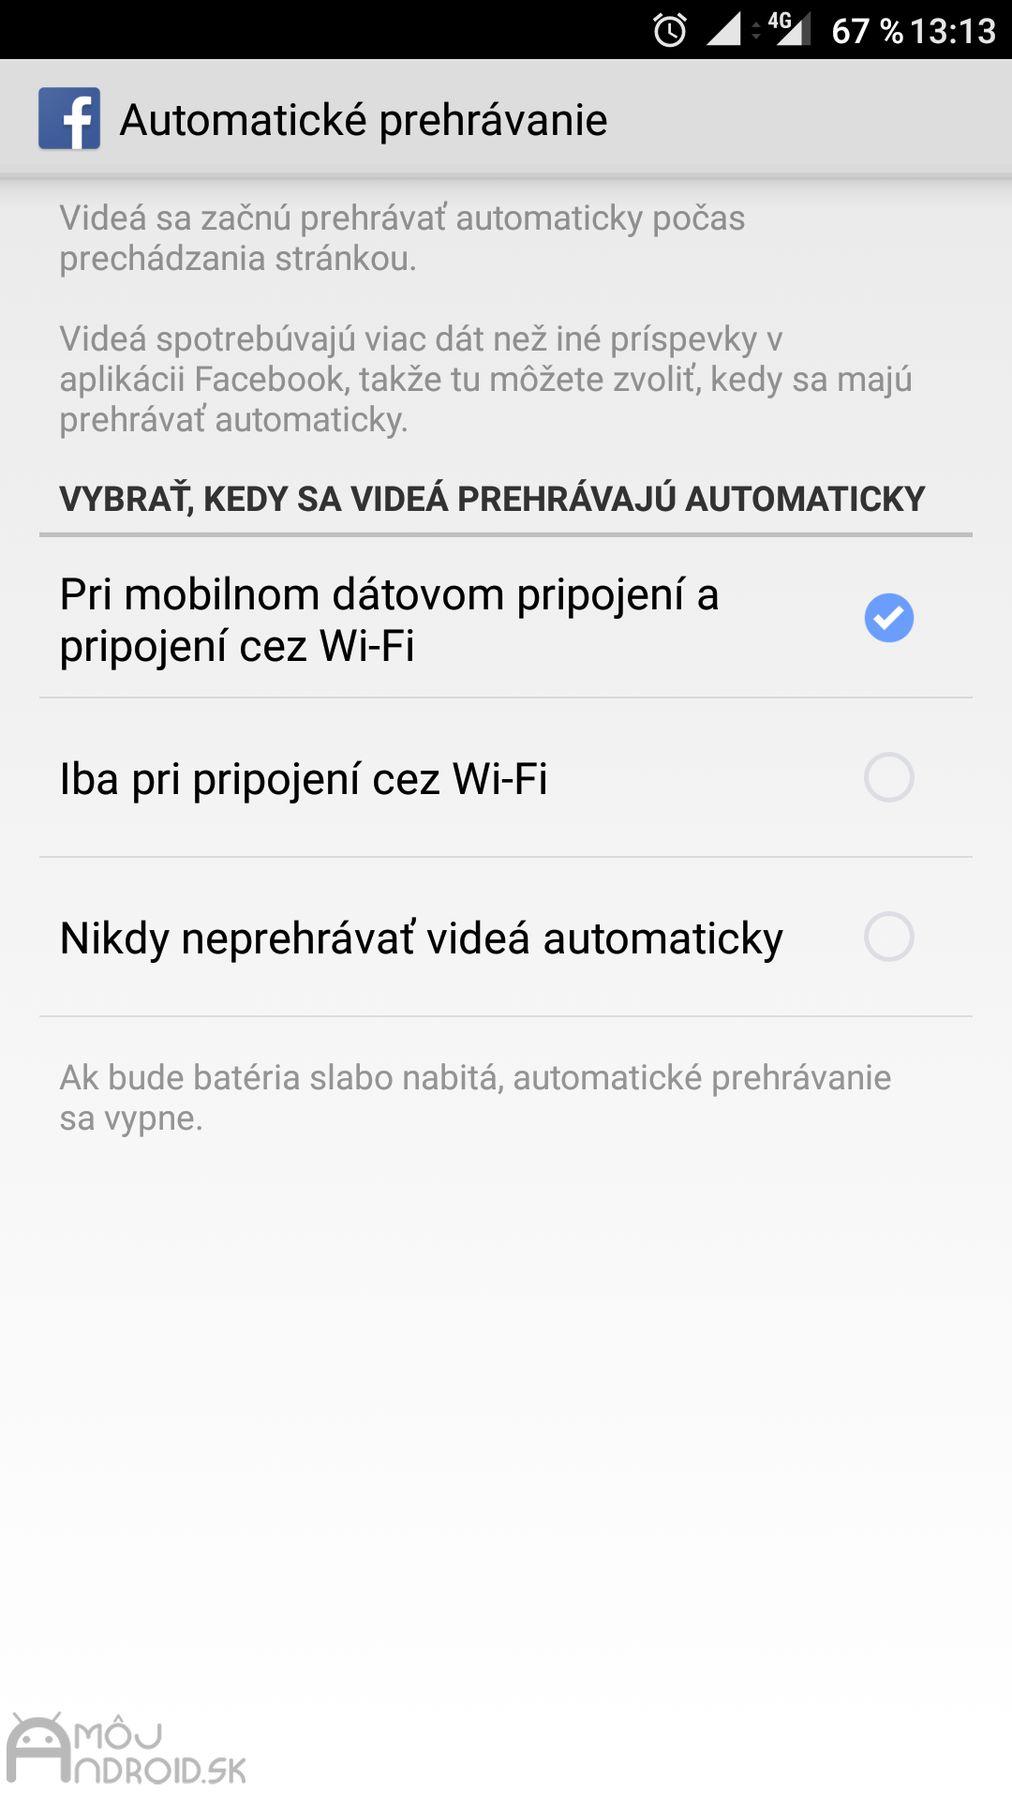 Len pripojiť mobilnú verziu